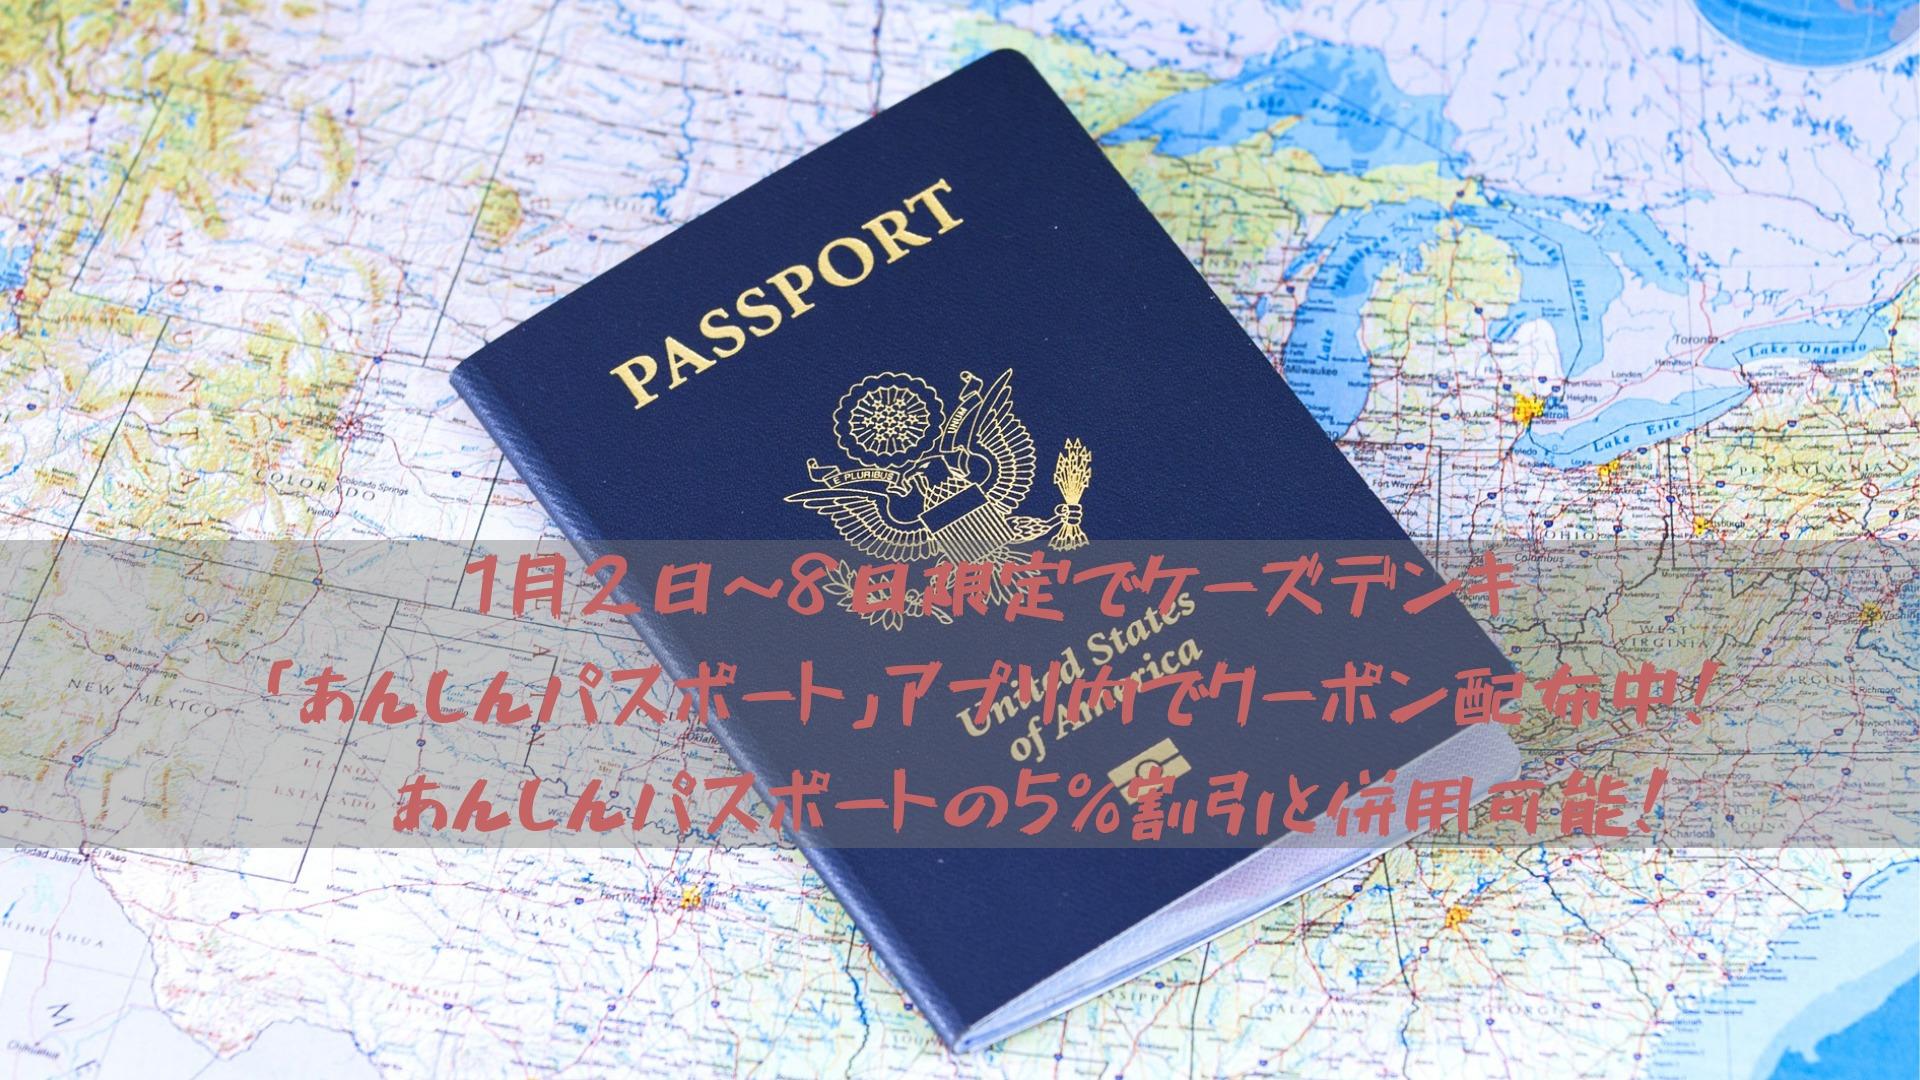 1月2日~8日限定でケーズデンキ「あんしんパスポート」アプリ内でクーポン配布中!※あんしんパスポートの5%割引と併用可能!